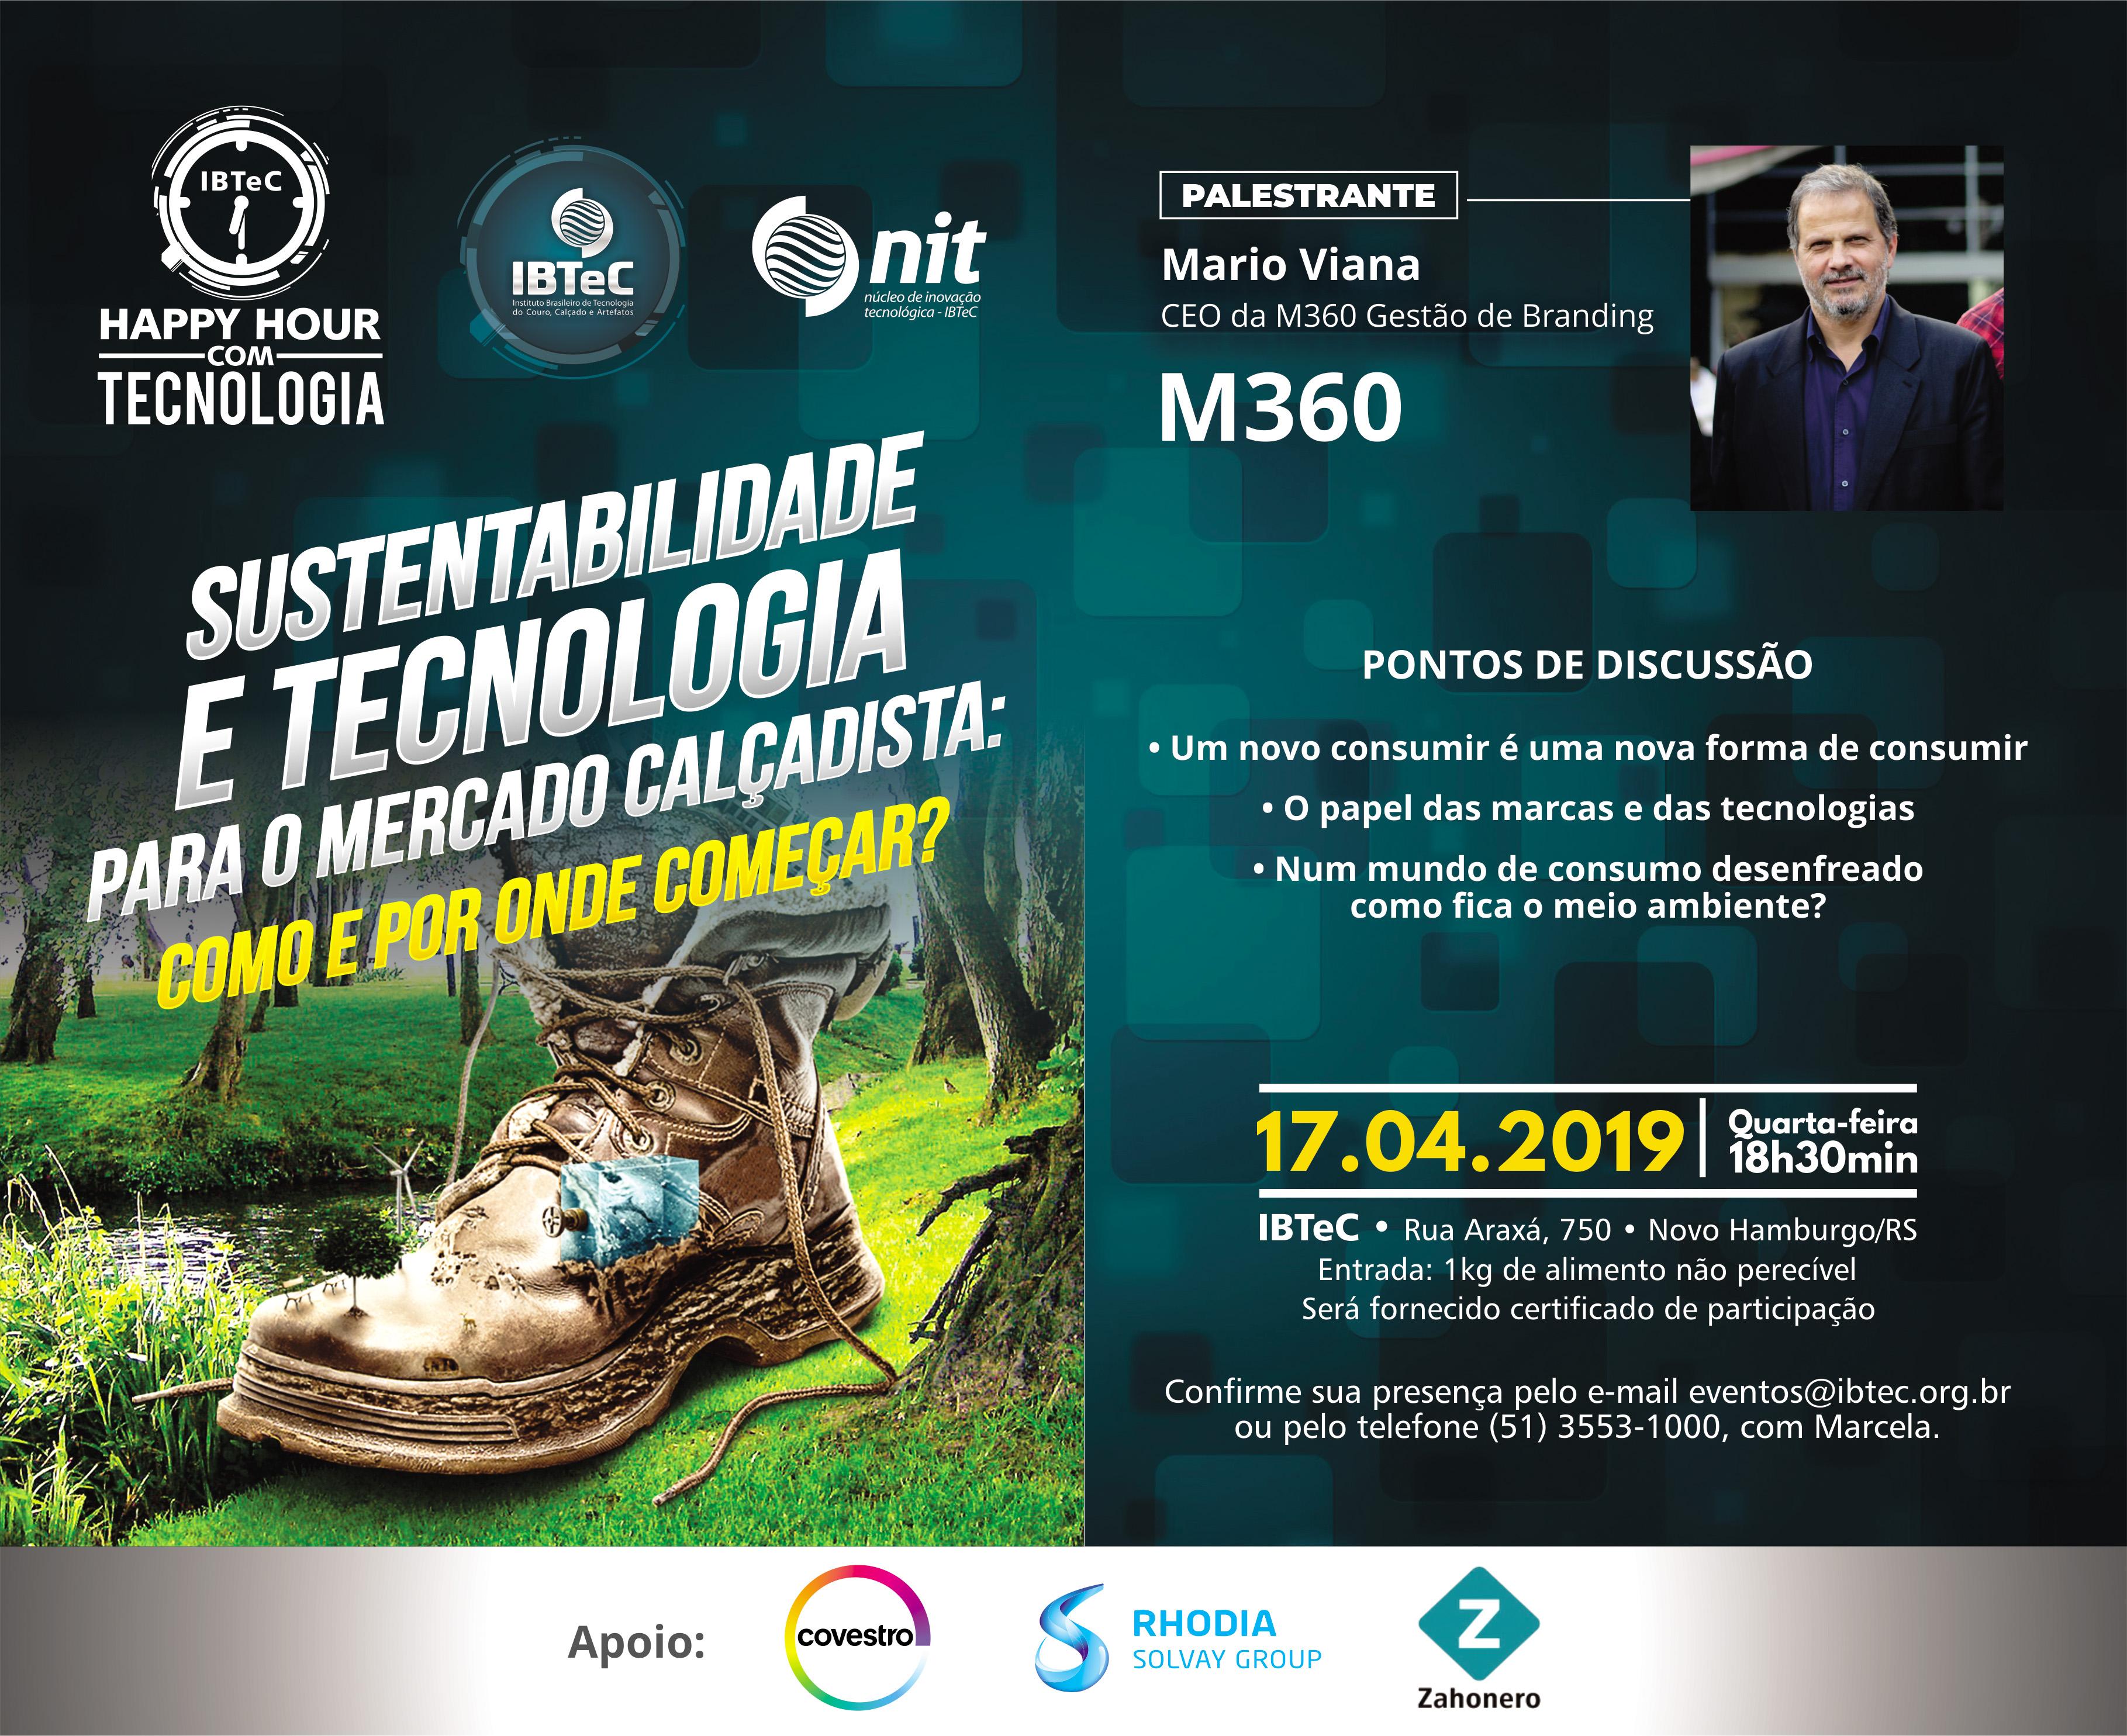 Sustentabilidade e Tecnologia para o mercado calçadista: como e por onde começar?